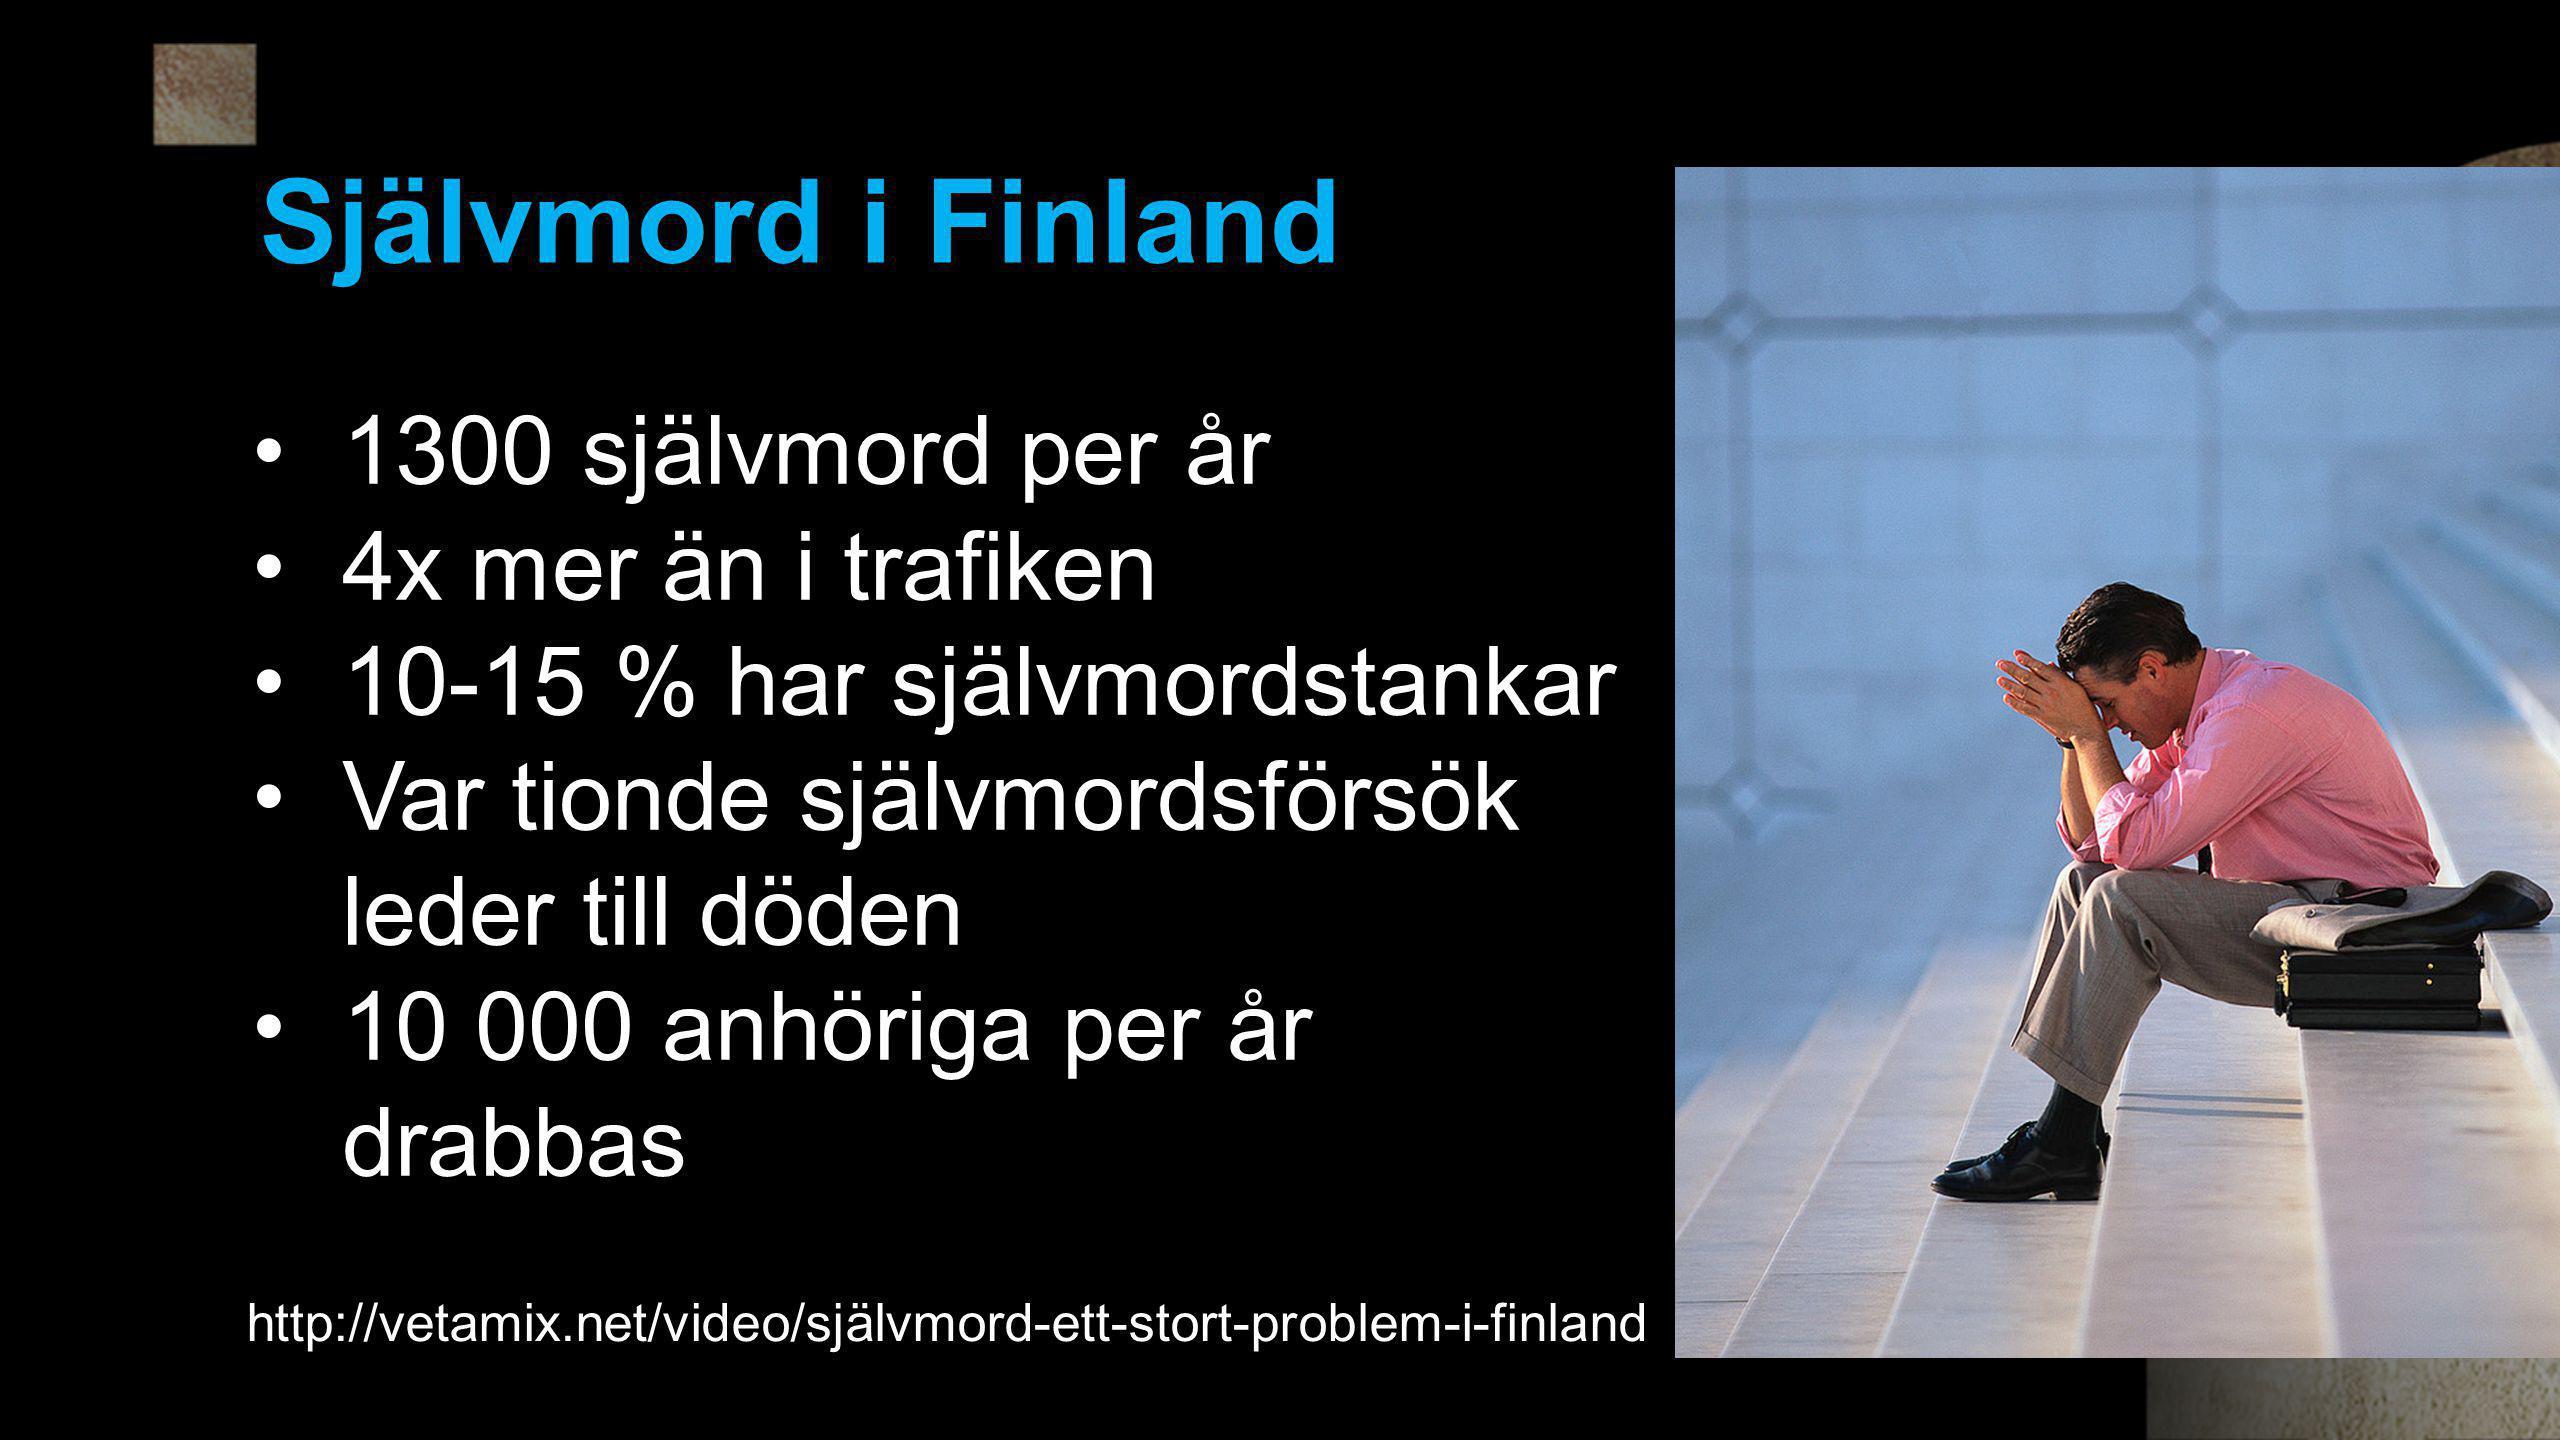 Självmord i Finland •1300 självmord per år •4x mer än i trafiken •10-15 % har självmordstankar •Var tionde självmordsförsök leder till döden •10 000 anhöriga per år drabbas http://vetamix.net/video/självmord-ett-stort-problem-i-finland